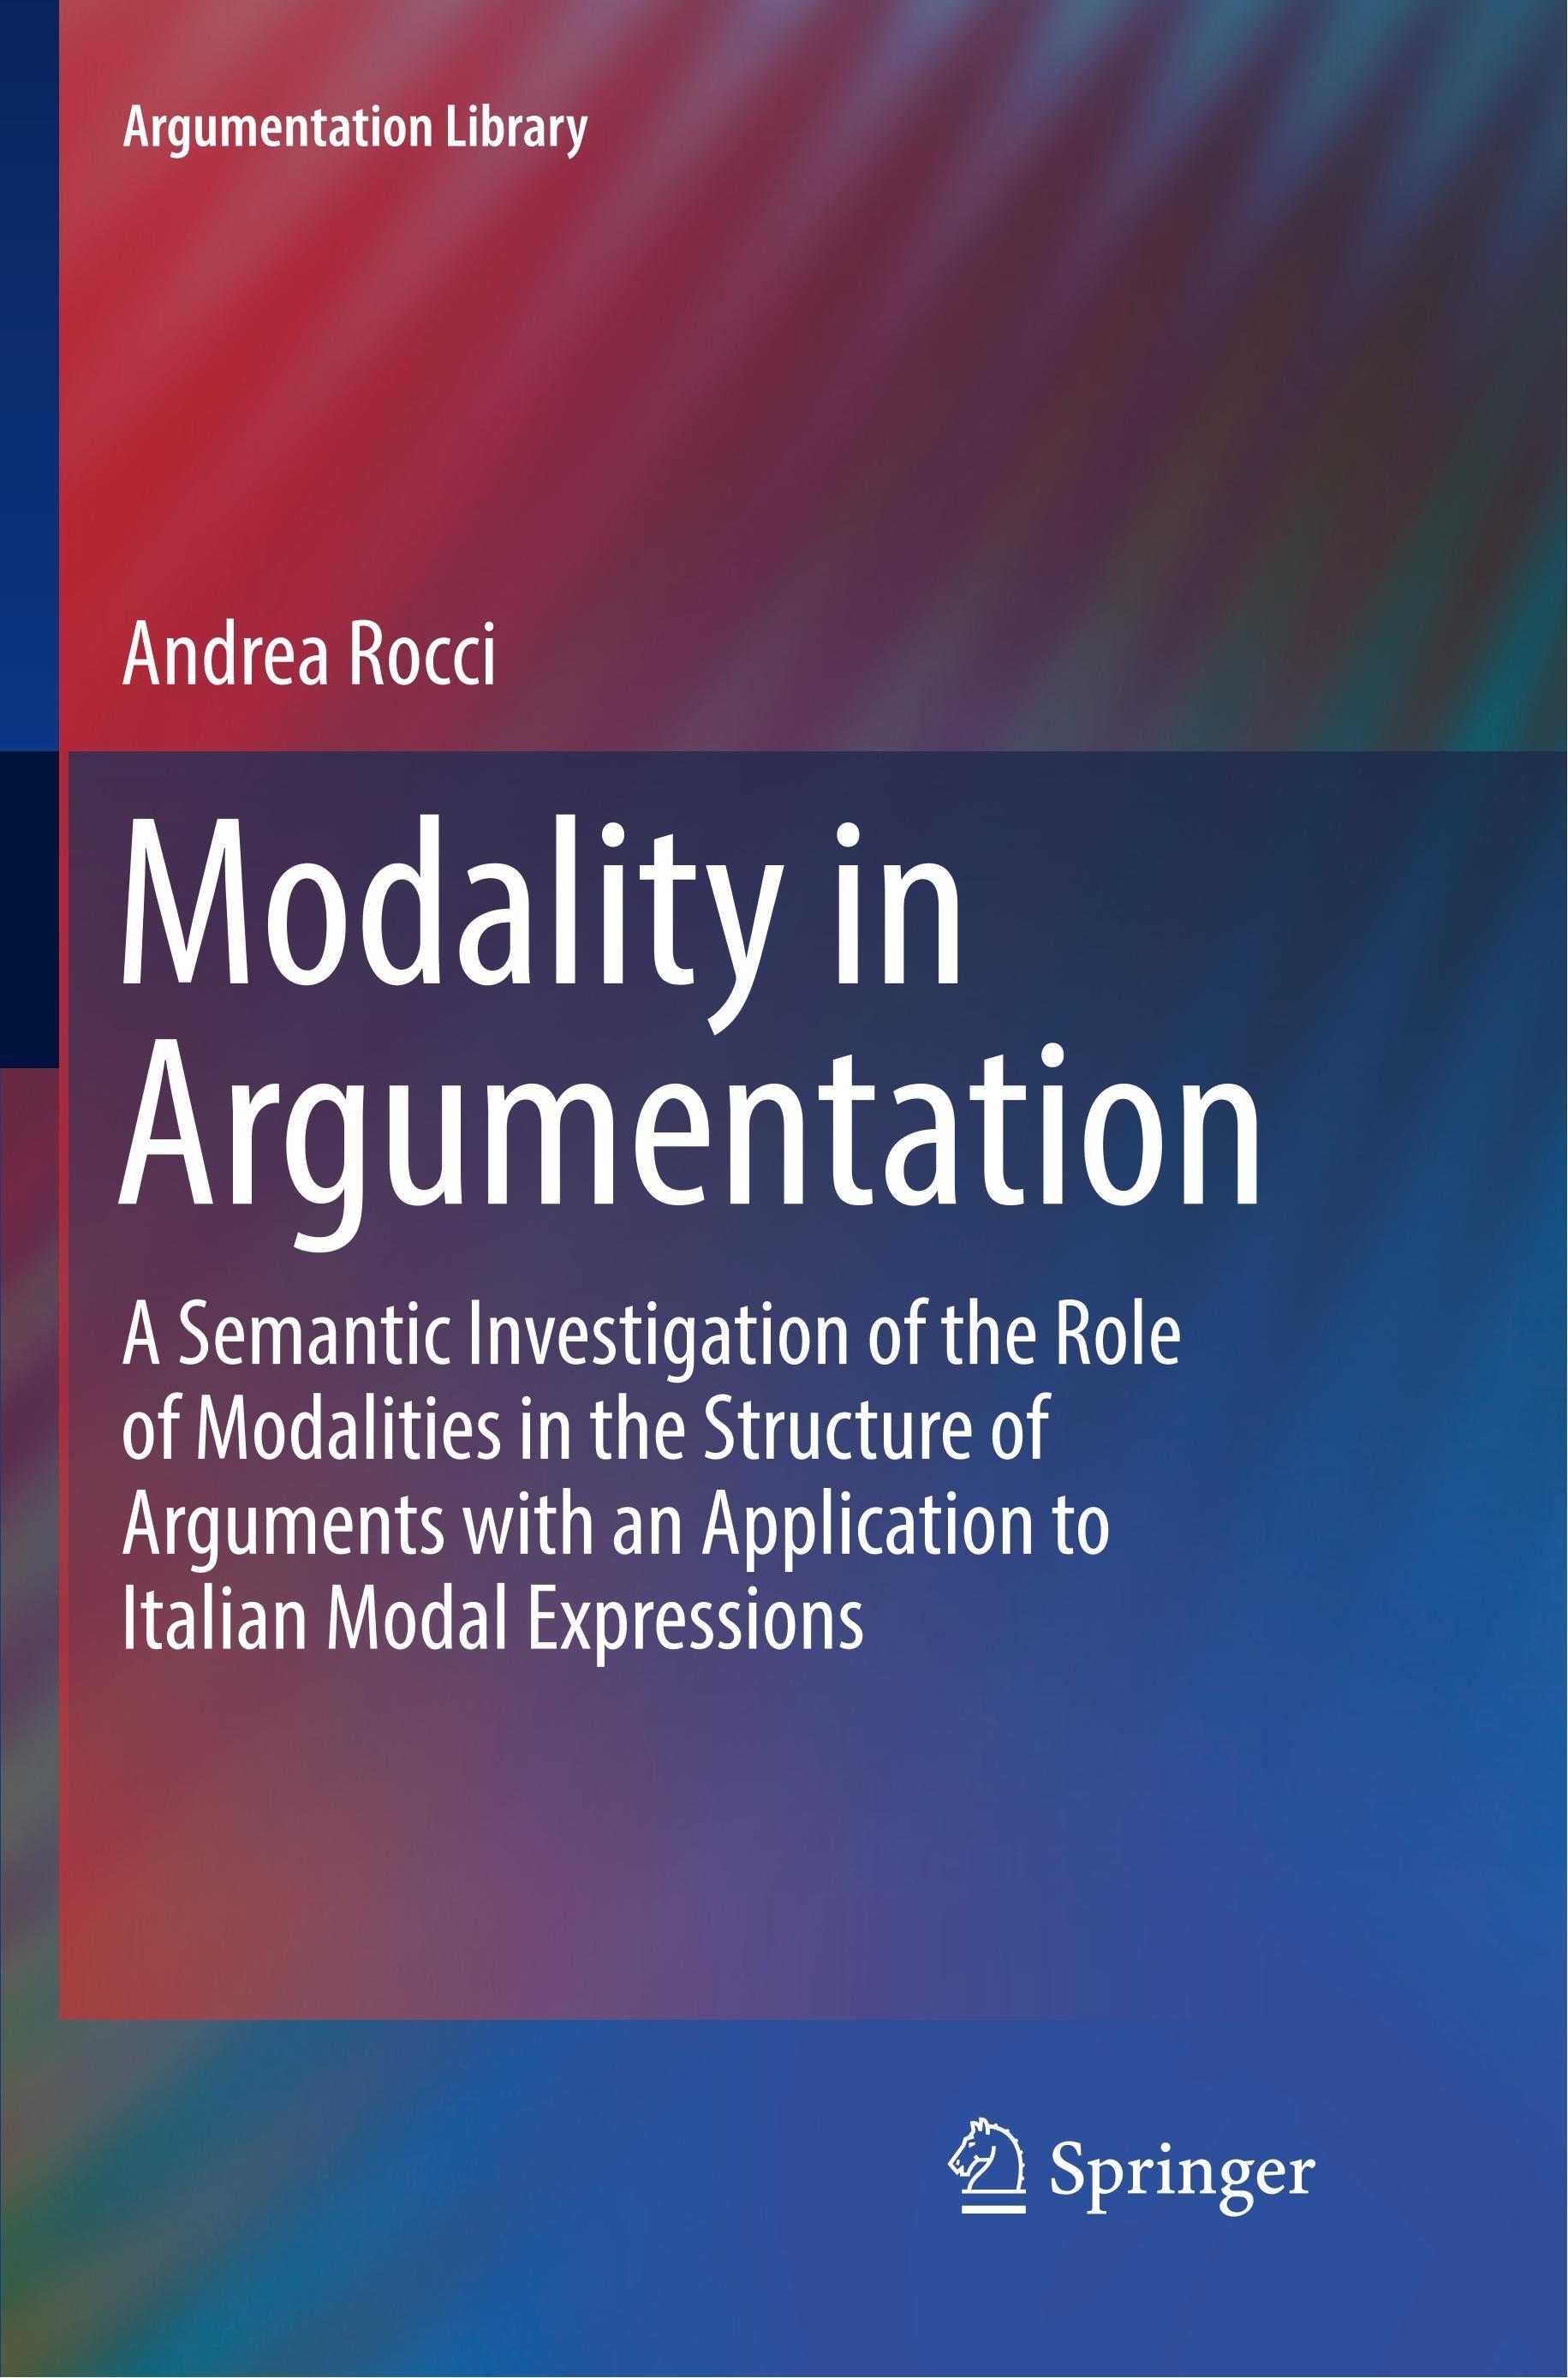 Modality in Argumentation - Andrea Rocci